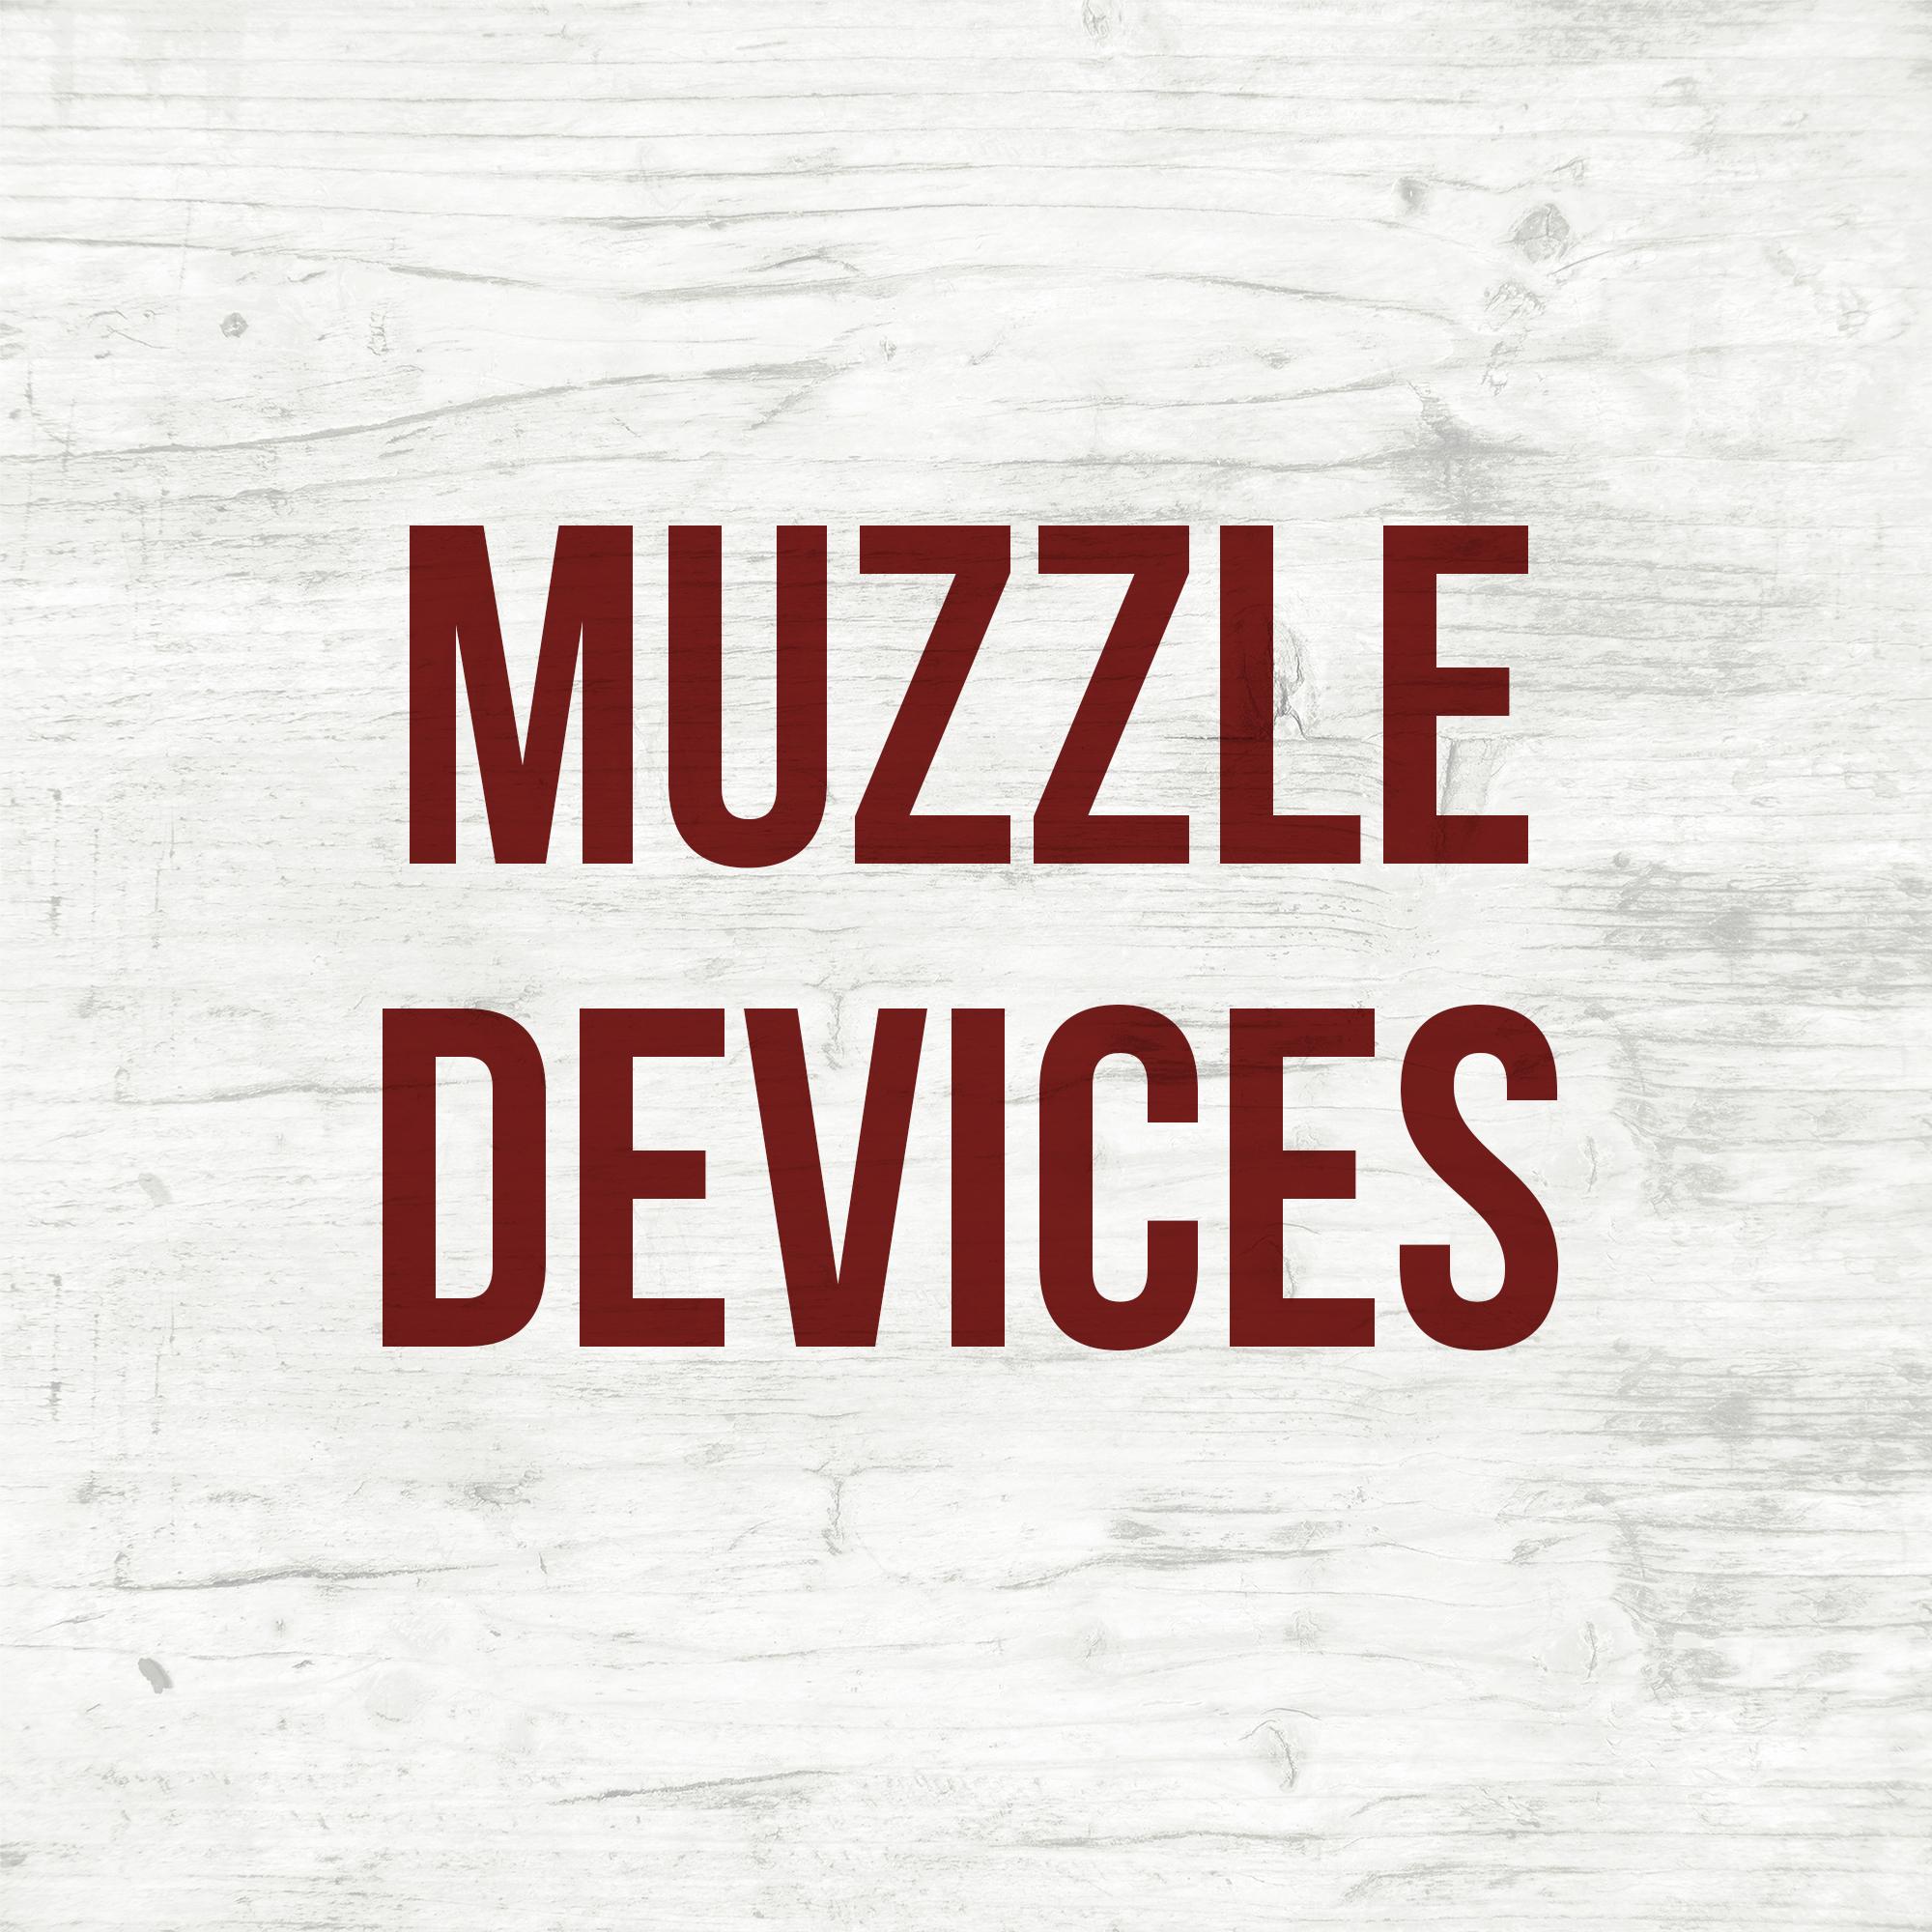 Muzzle Devices